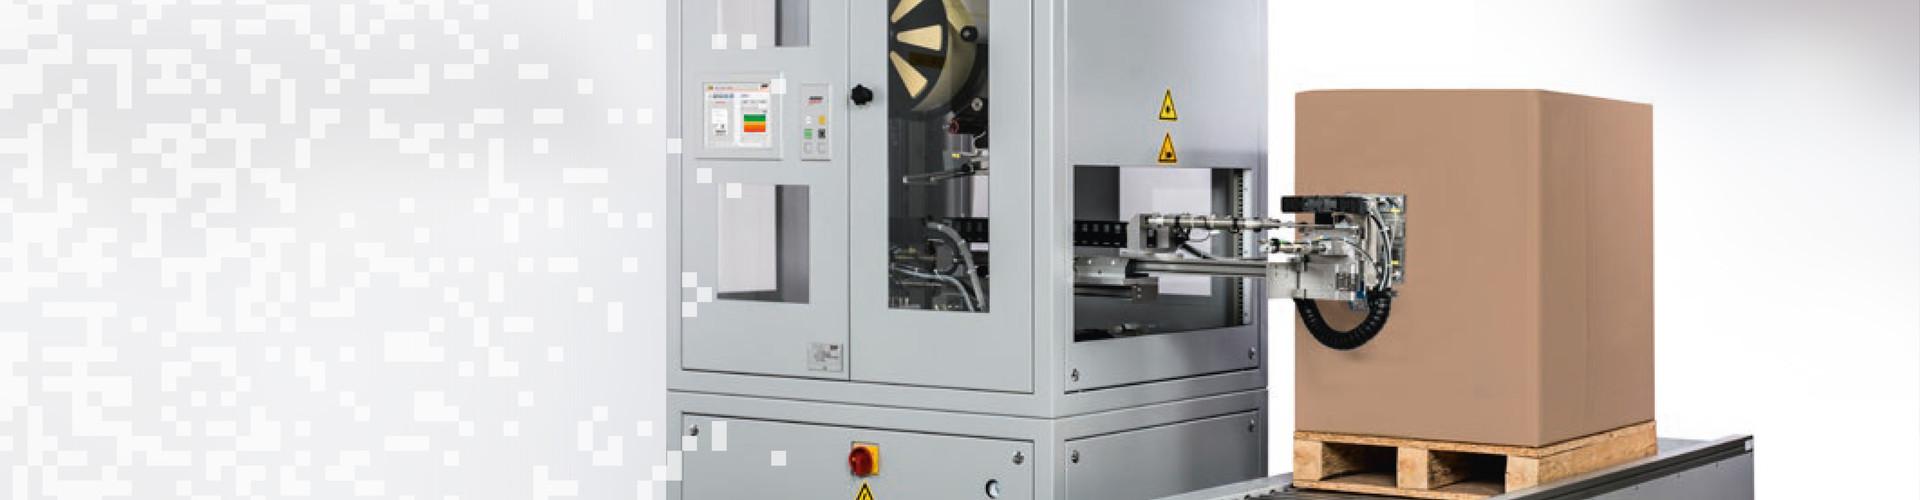 Etikettierlösungen für verschiedenste industrielle Einsatzzwecke